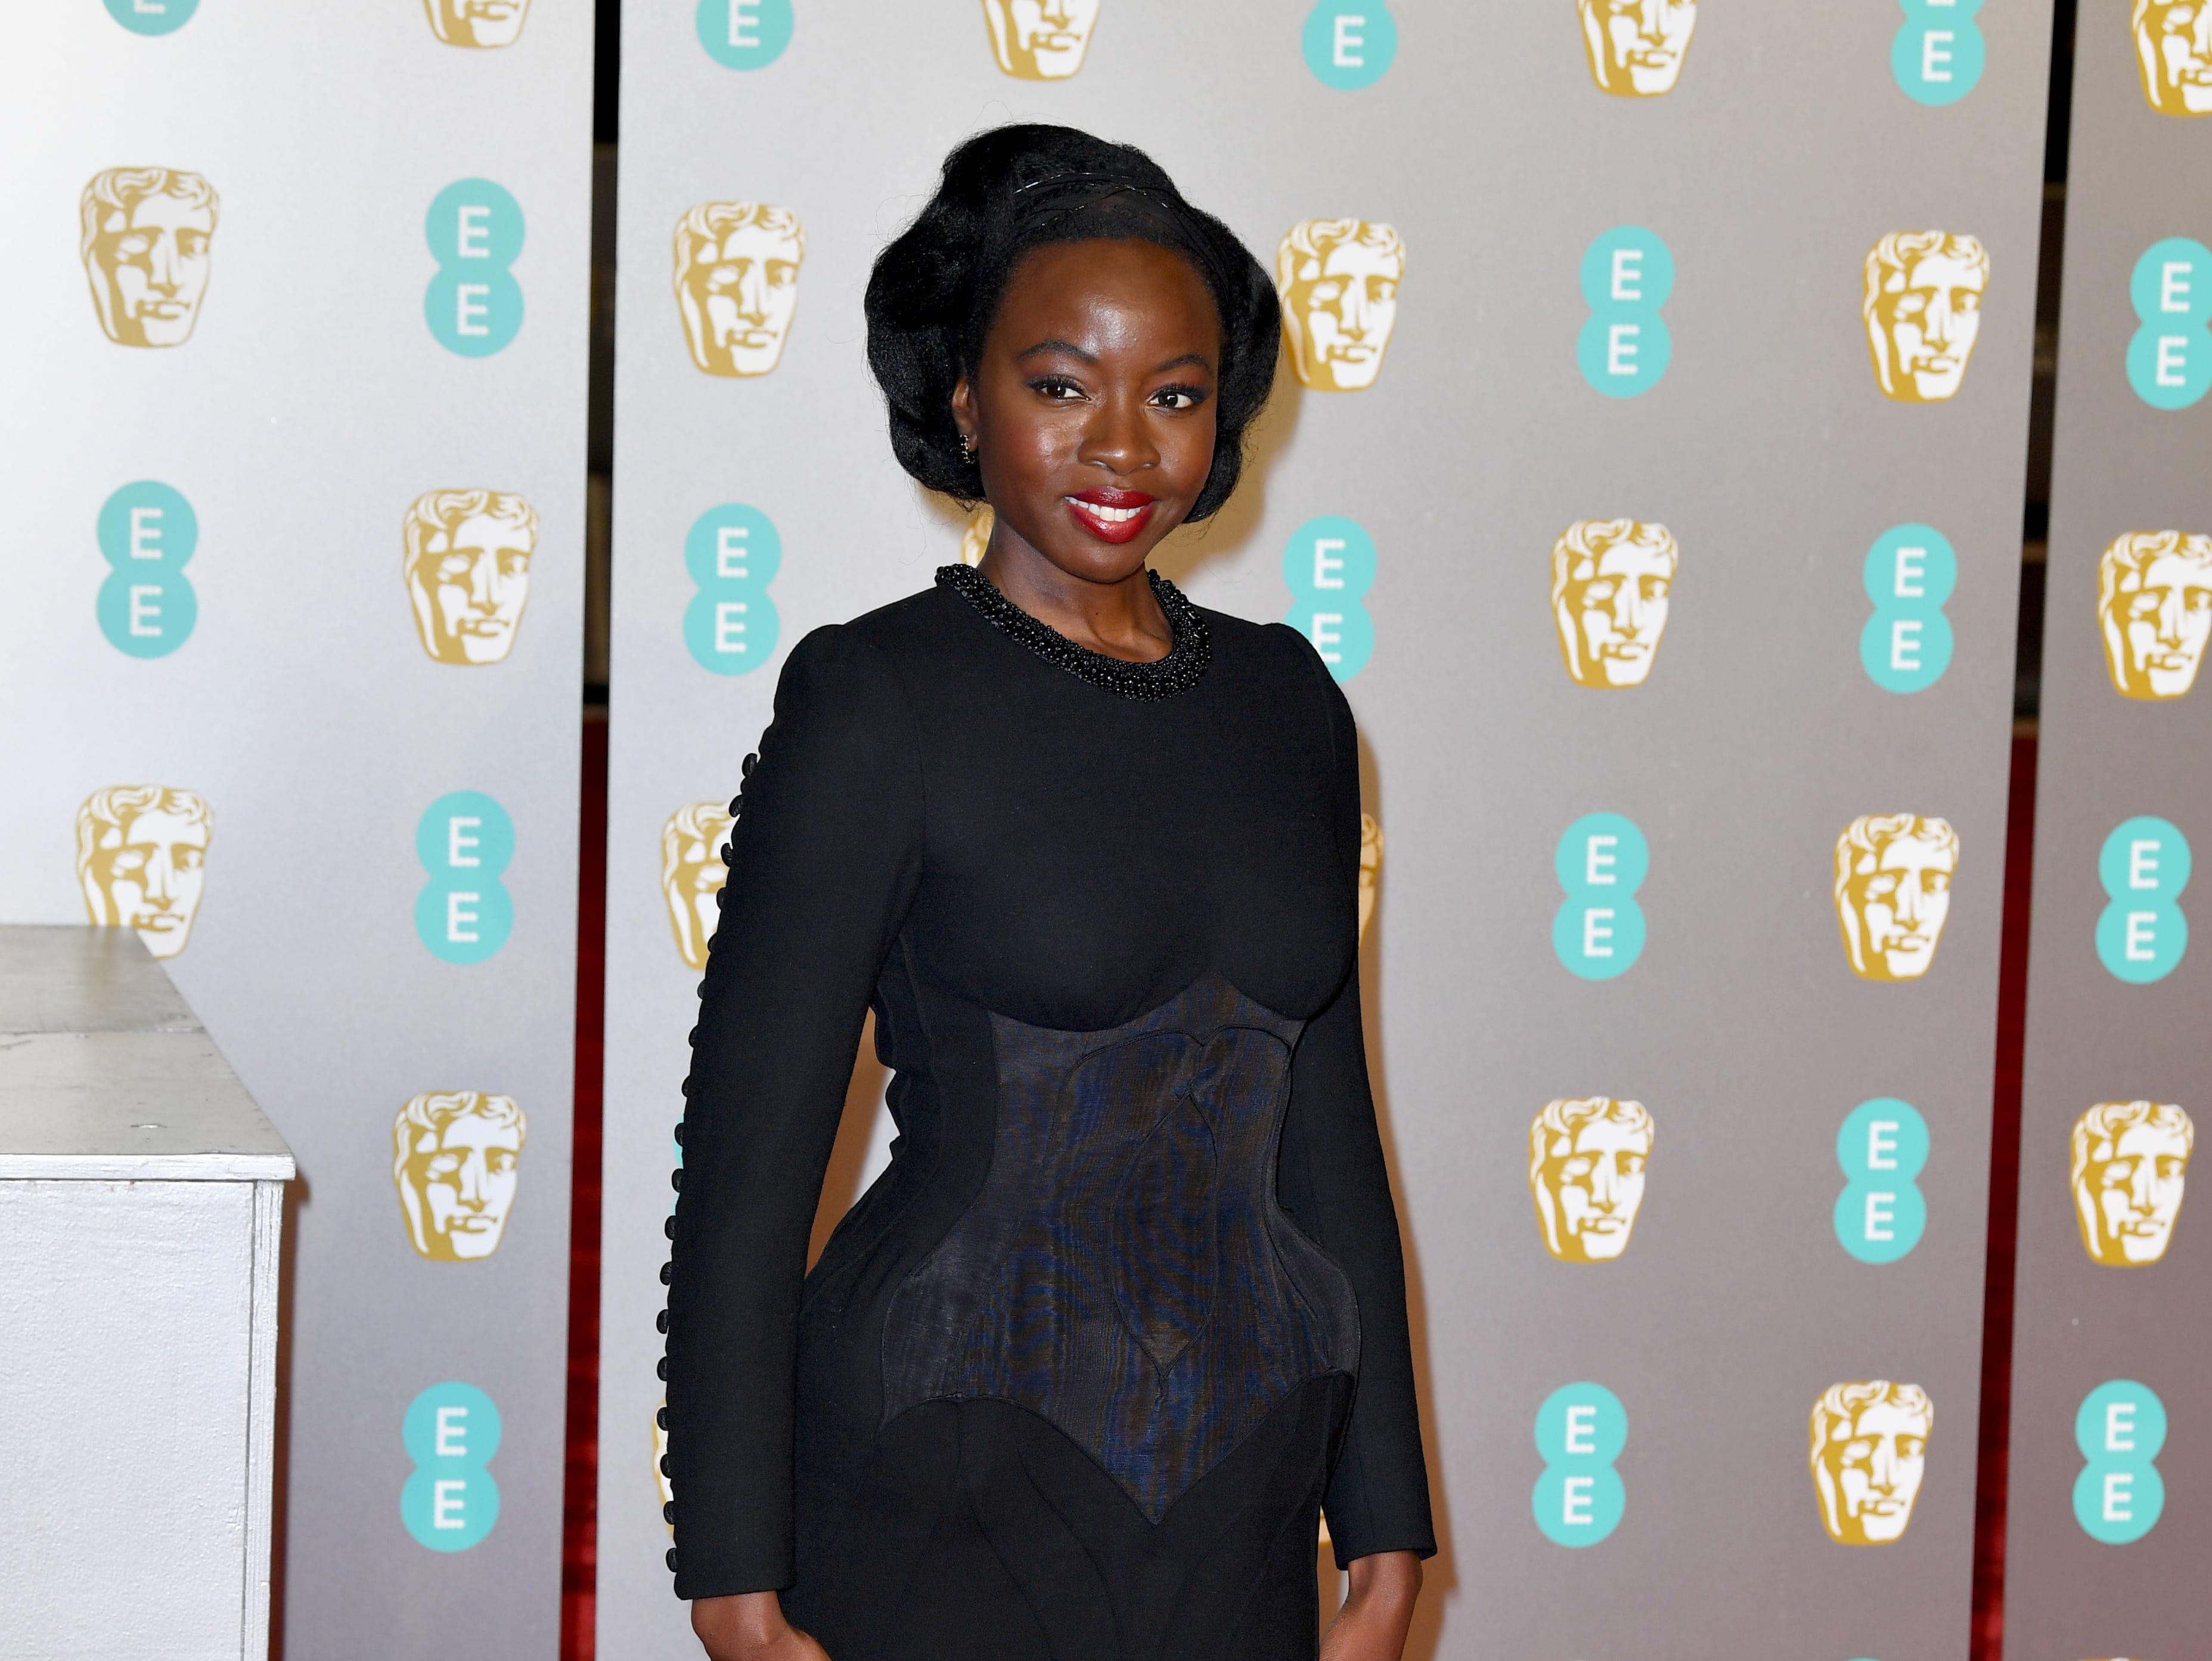 Danai Gurira a su llegada a la alfombra roja de los Premios de la Academia Británica de Cine BAFTA en el Royal Albert Hall en Londres el 10 de febrero de 2019.